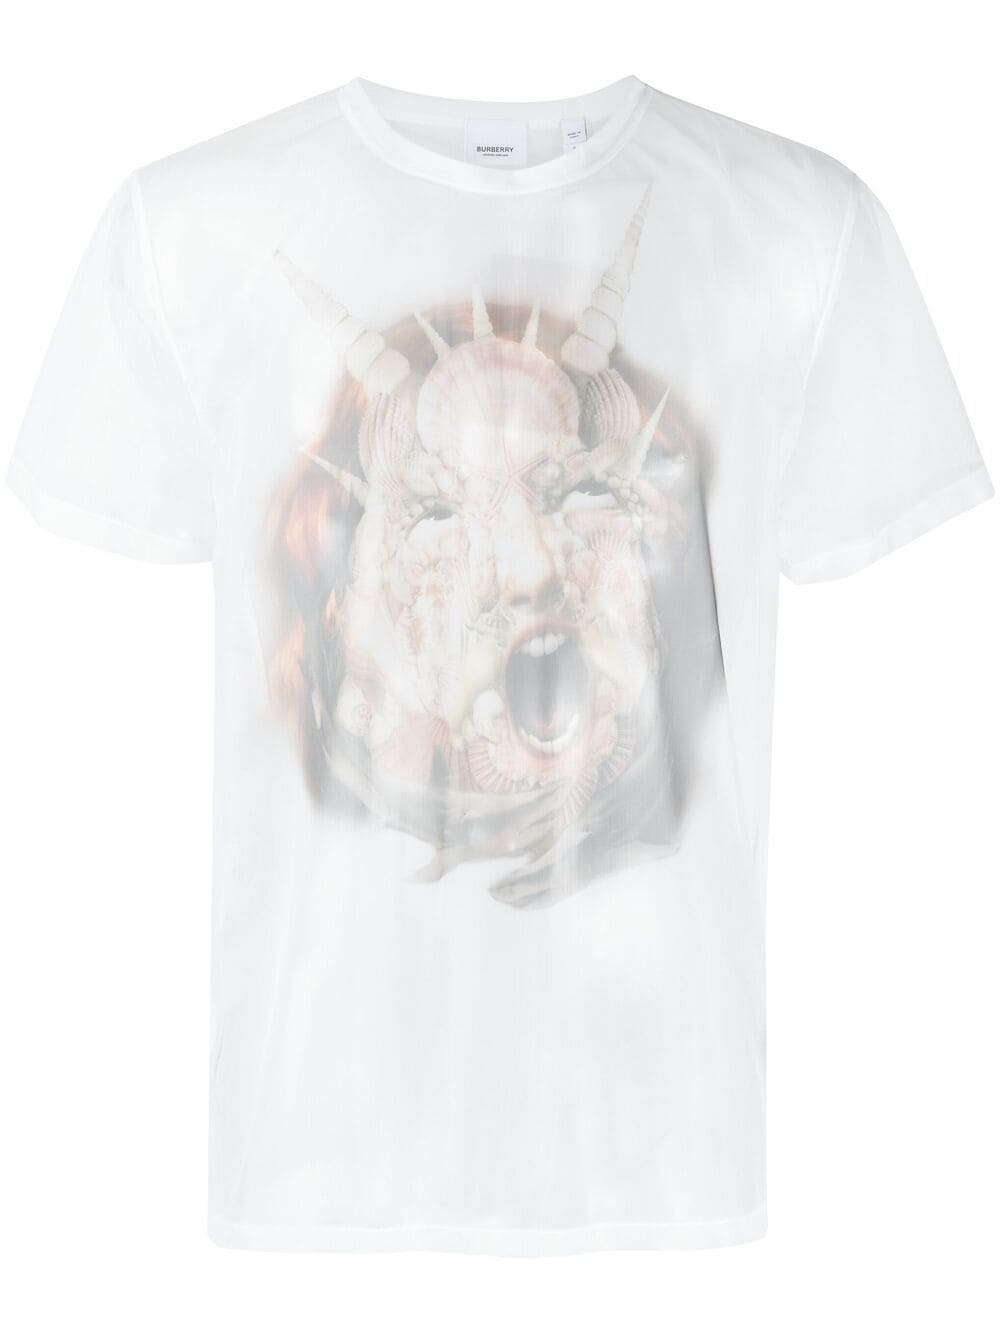 Burberry T-Shirt mit Foto-Print - Weiß